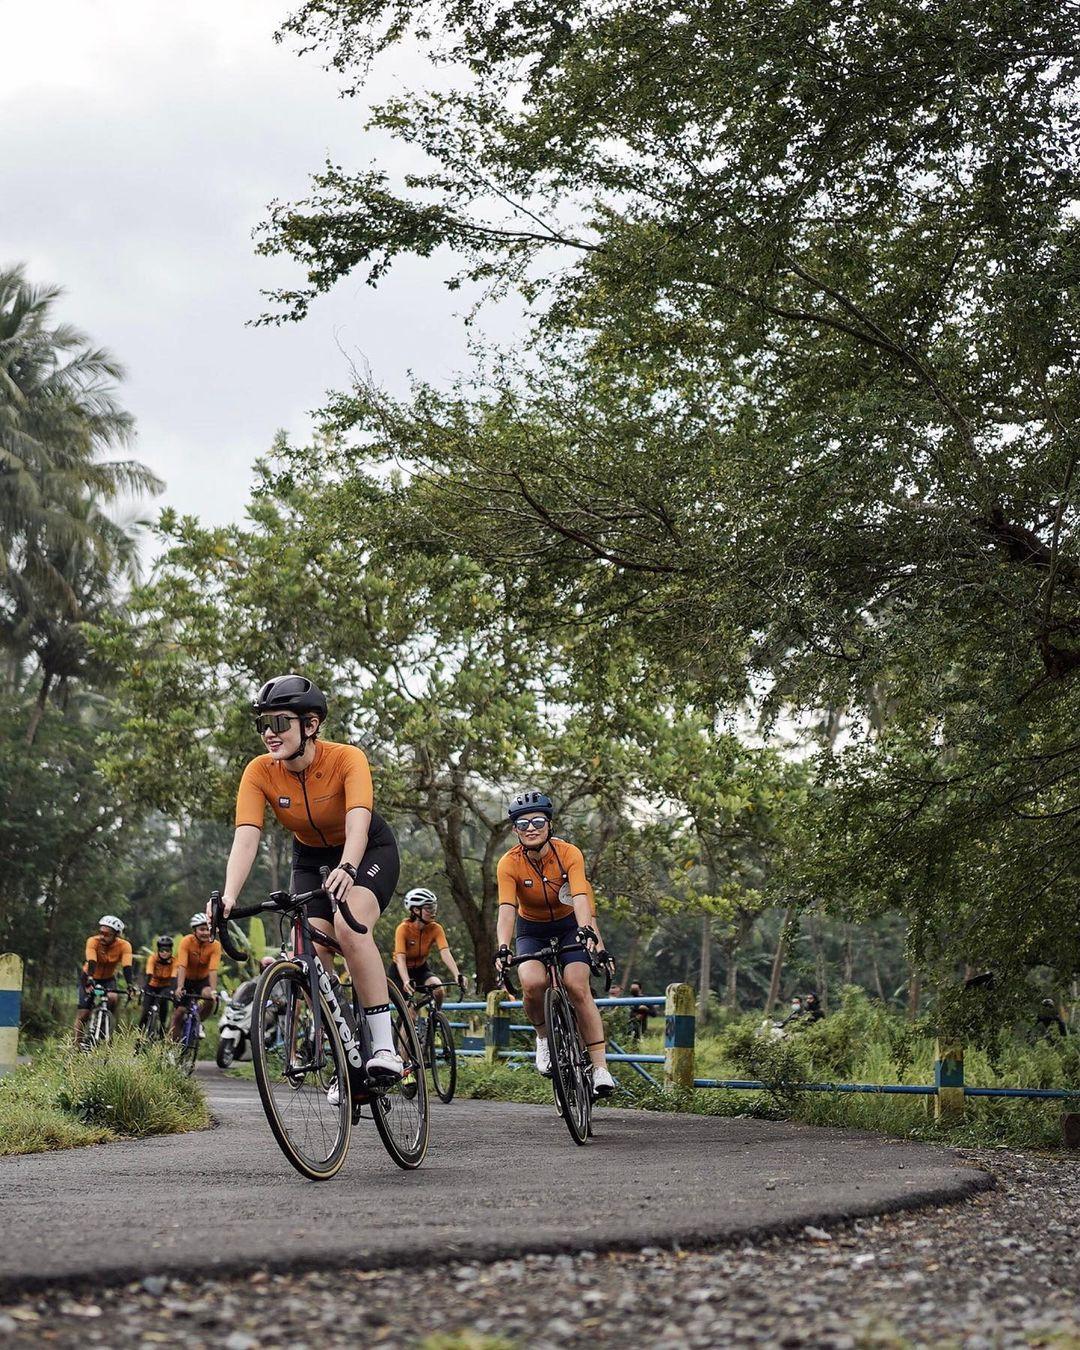 Wisata Sepeda Jogja, Menawarkan Blusukan Sambil Ngopi dan Wisata Belanja Batik